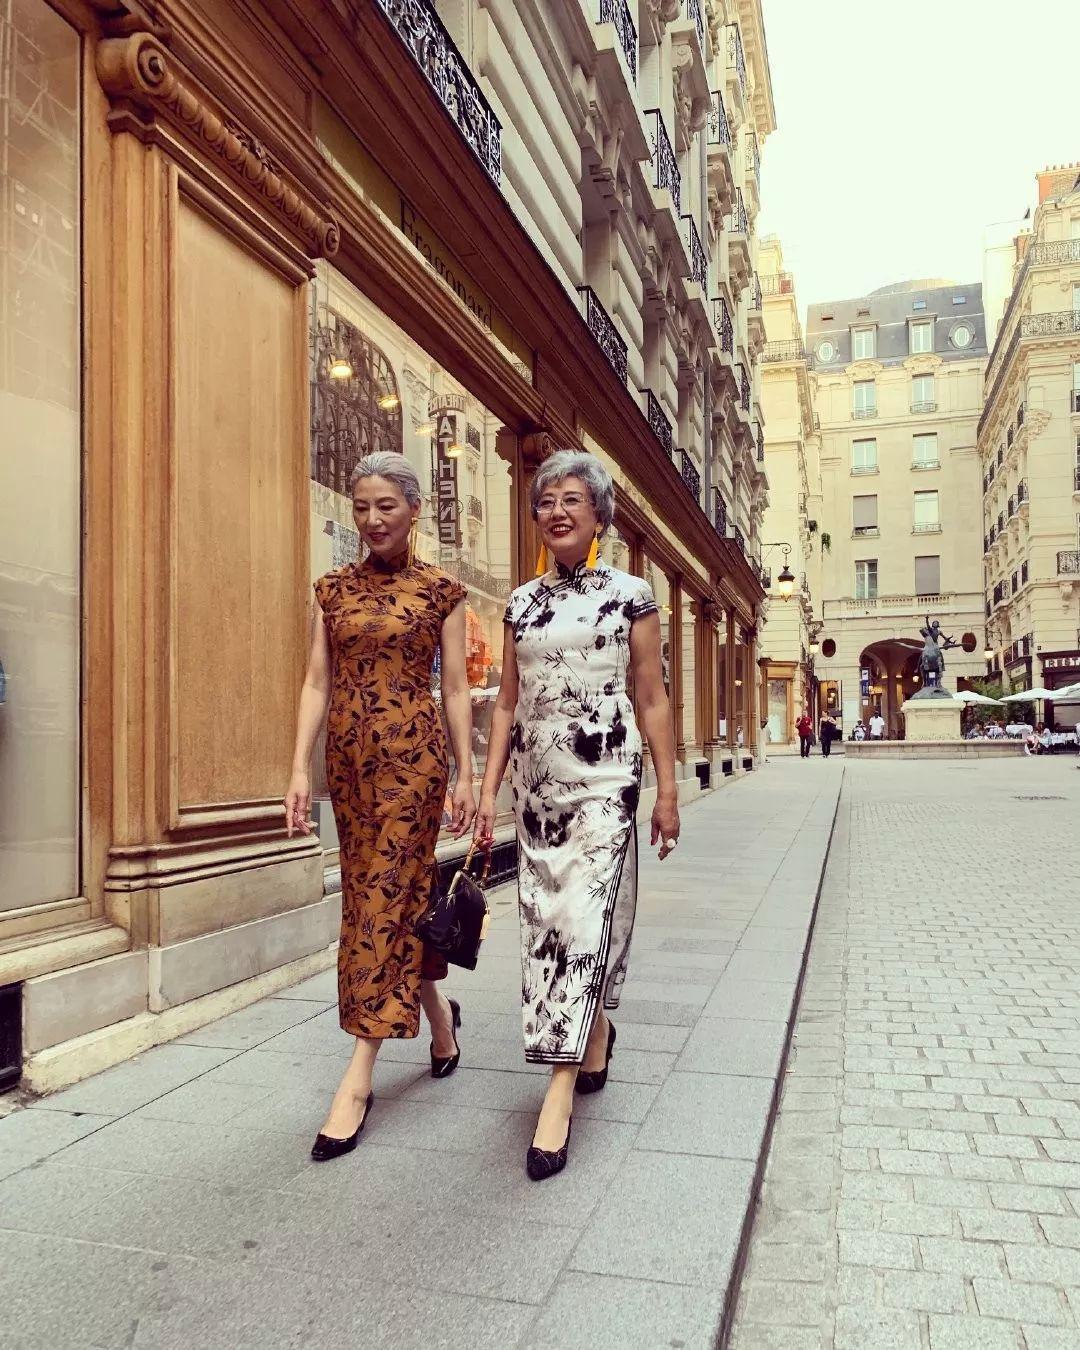 银发姐妹穿旗袍游巴黎,意外走红外网:原来中国奶奶这么优雅!